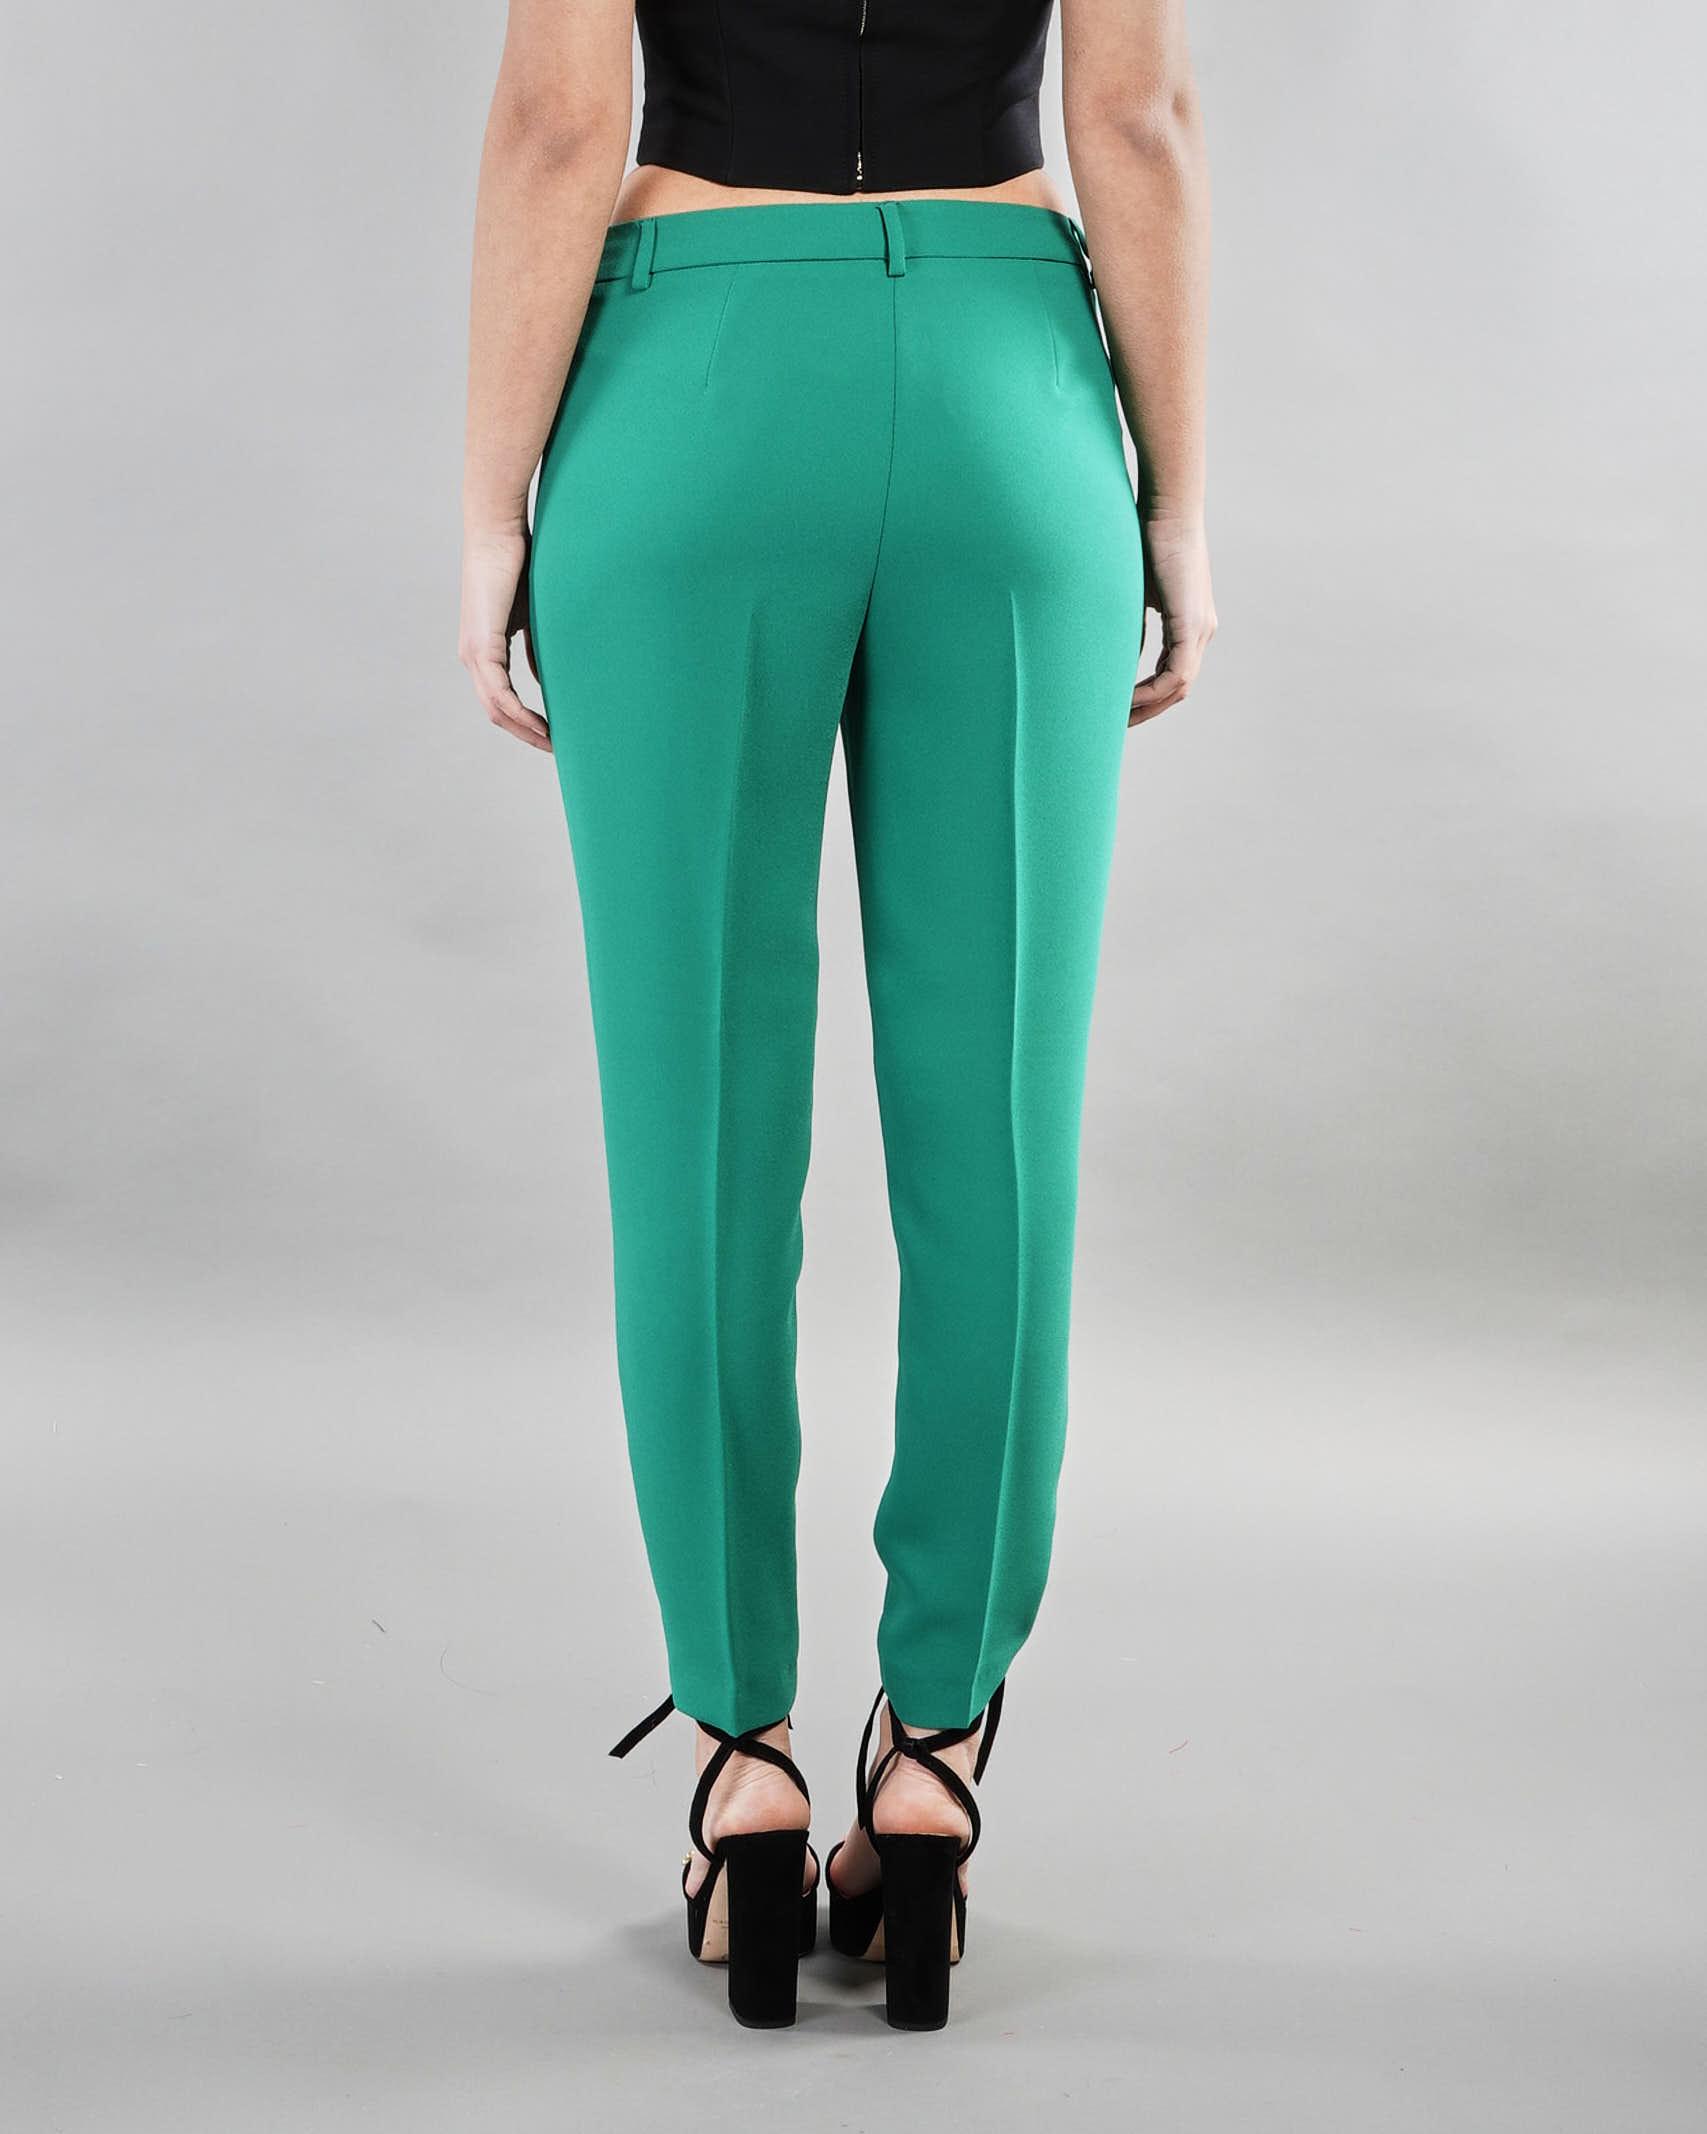 Pantalone capri Penny Black PENNY BLACK   Pantalone   TEATRO3